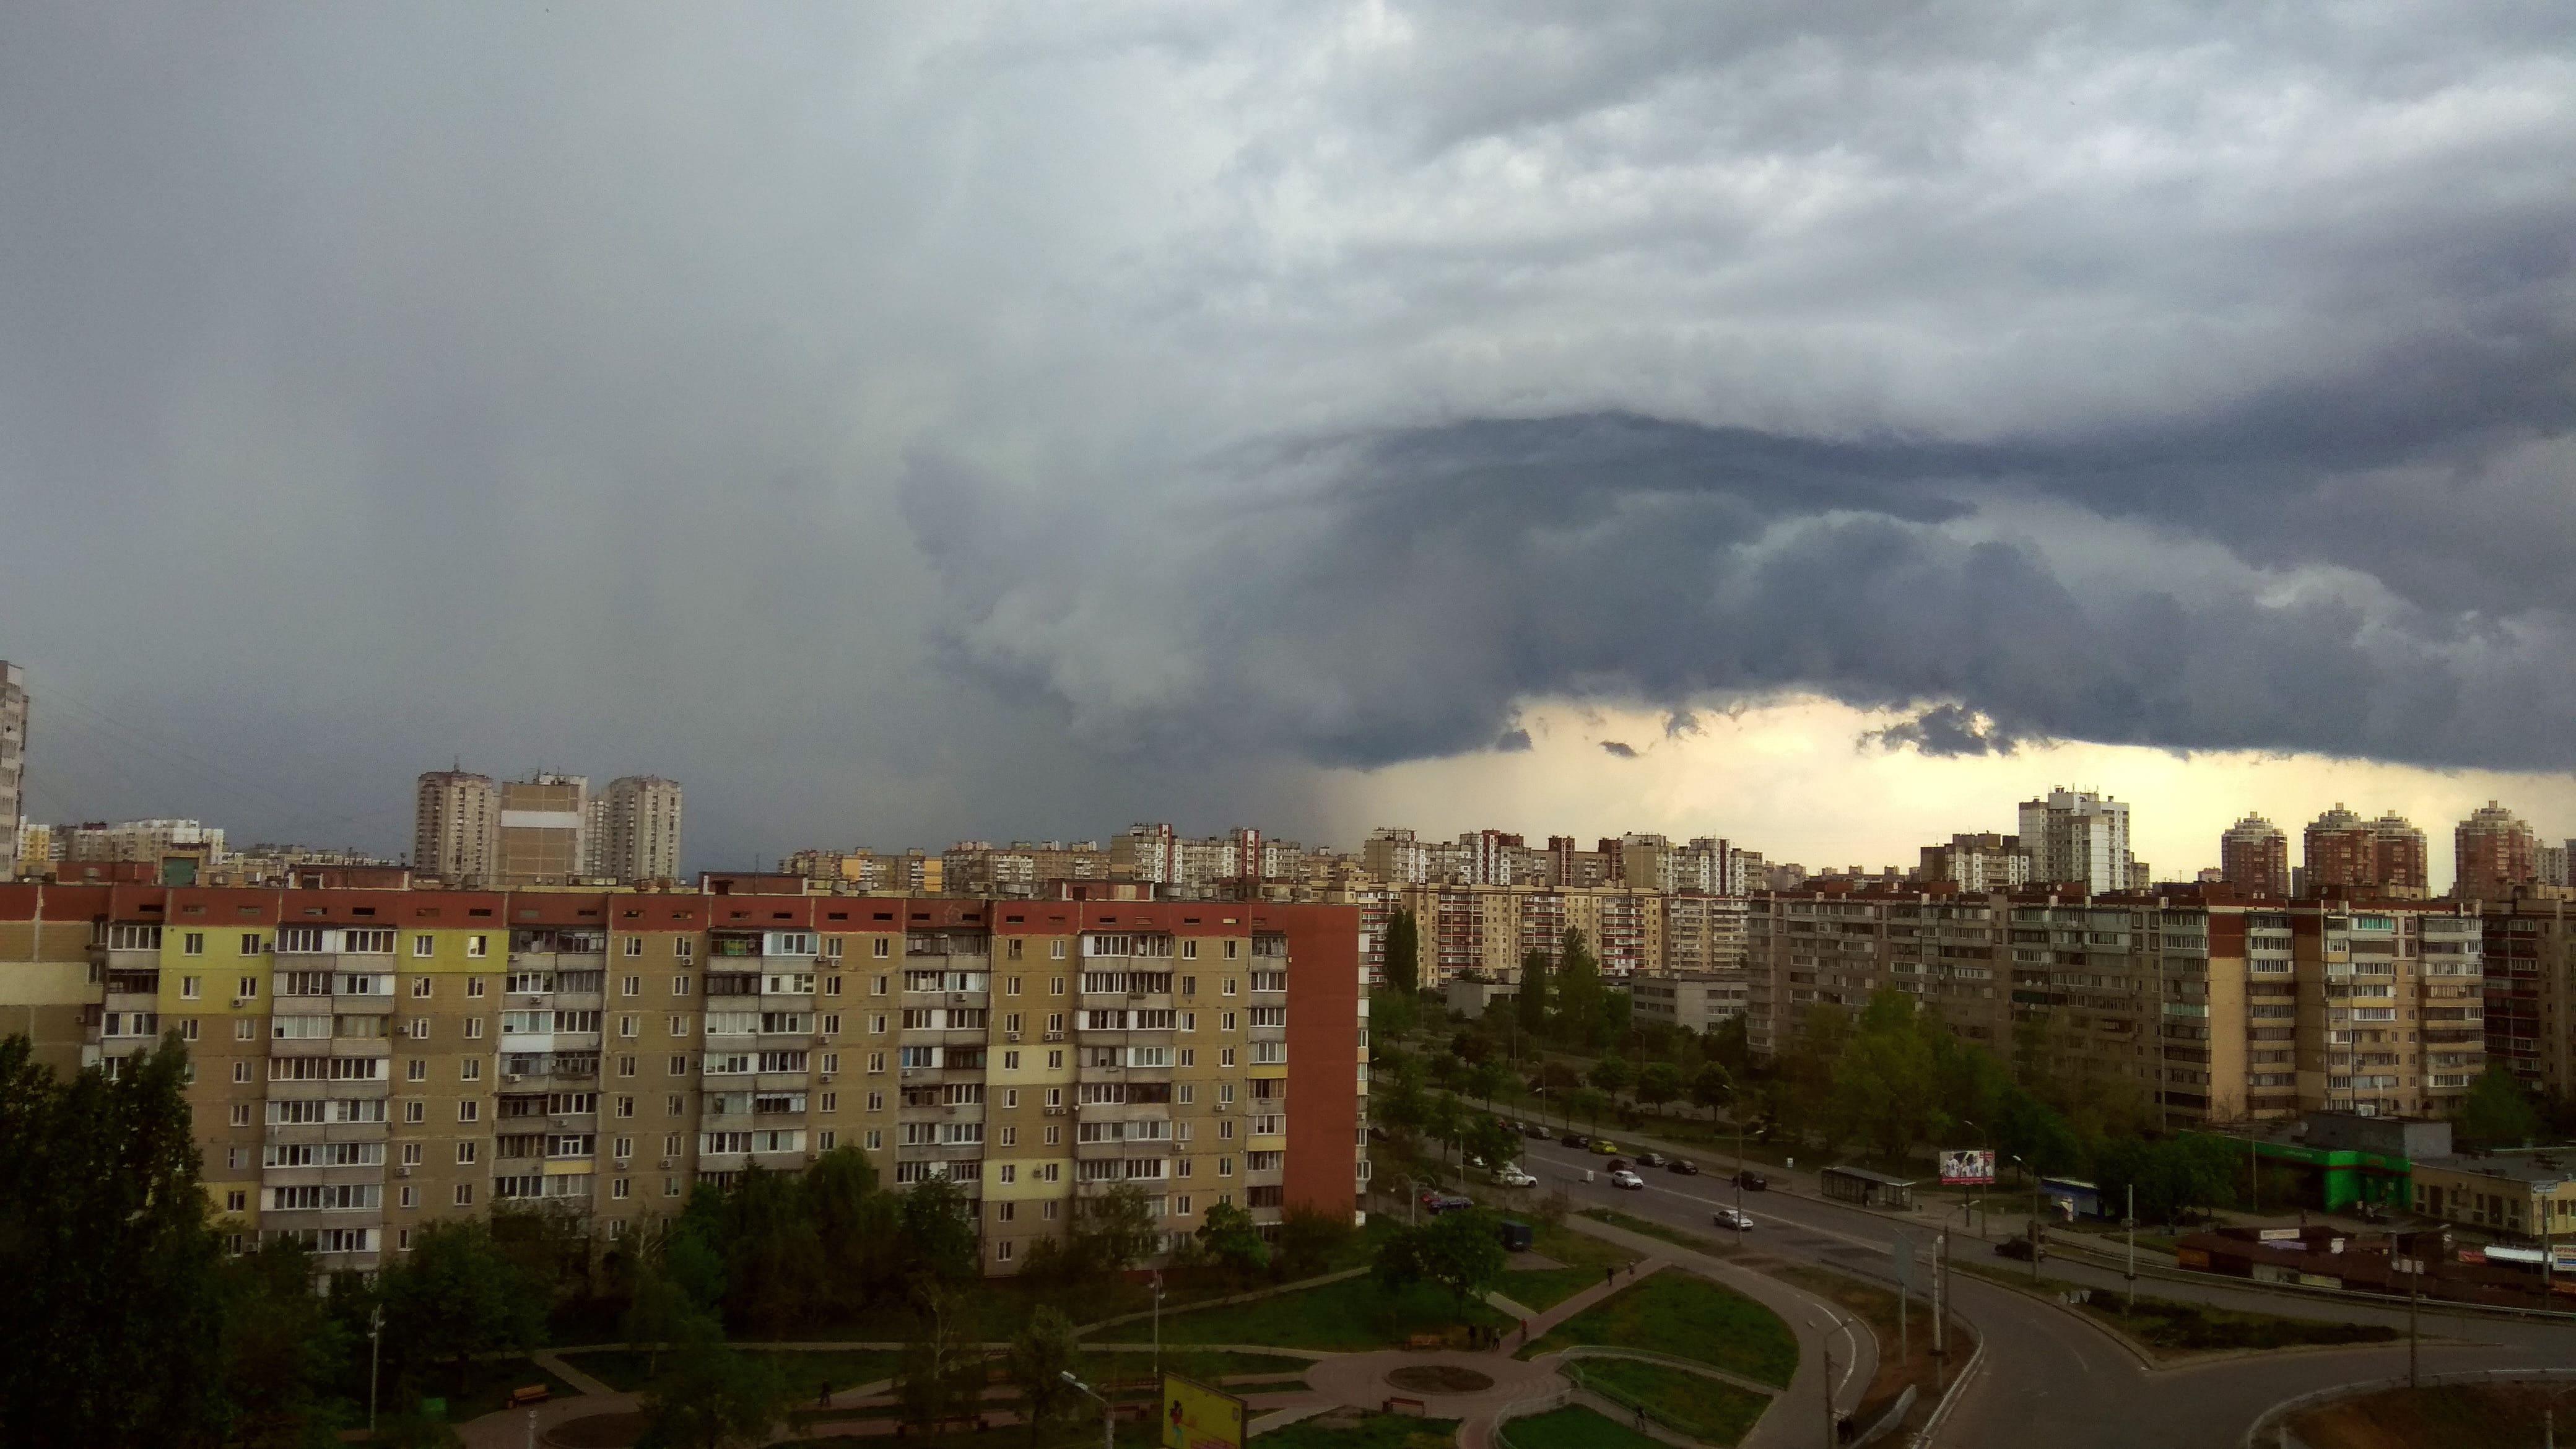 HDoboi.Kiev.ua - Грозовые облака над домами, природа, тучи